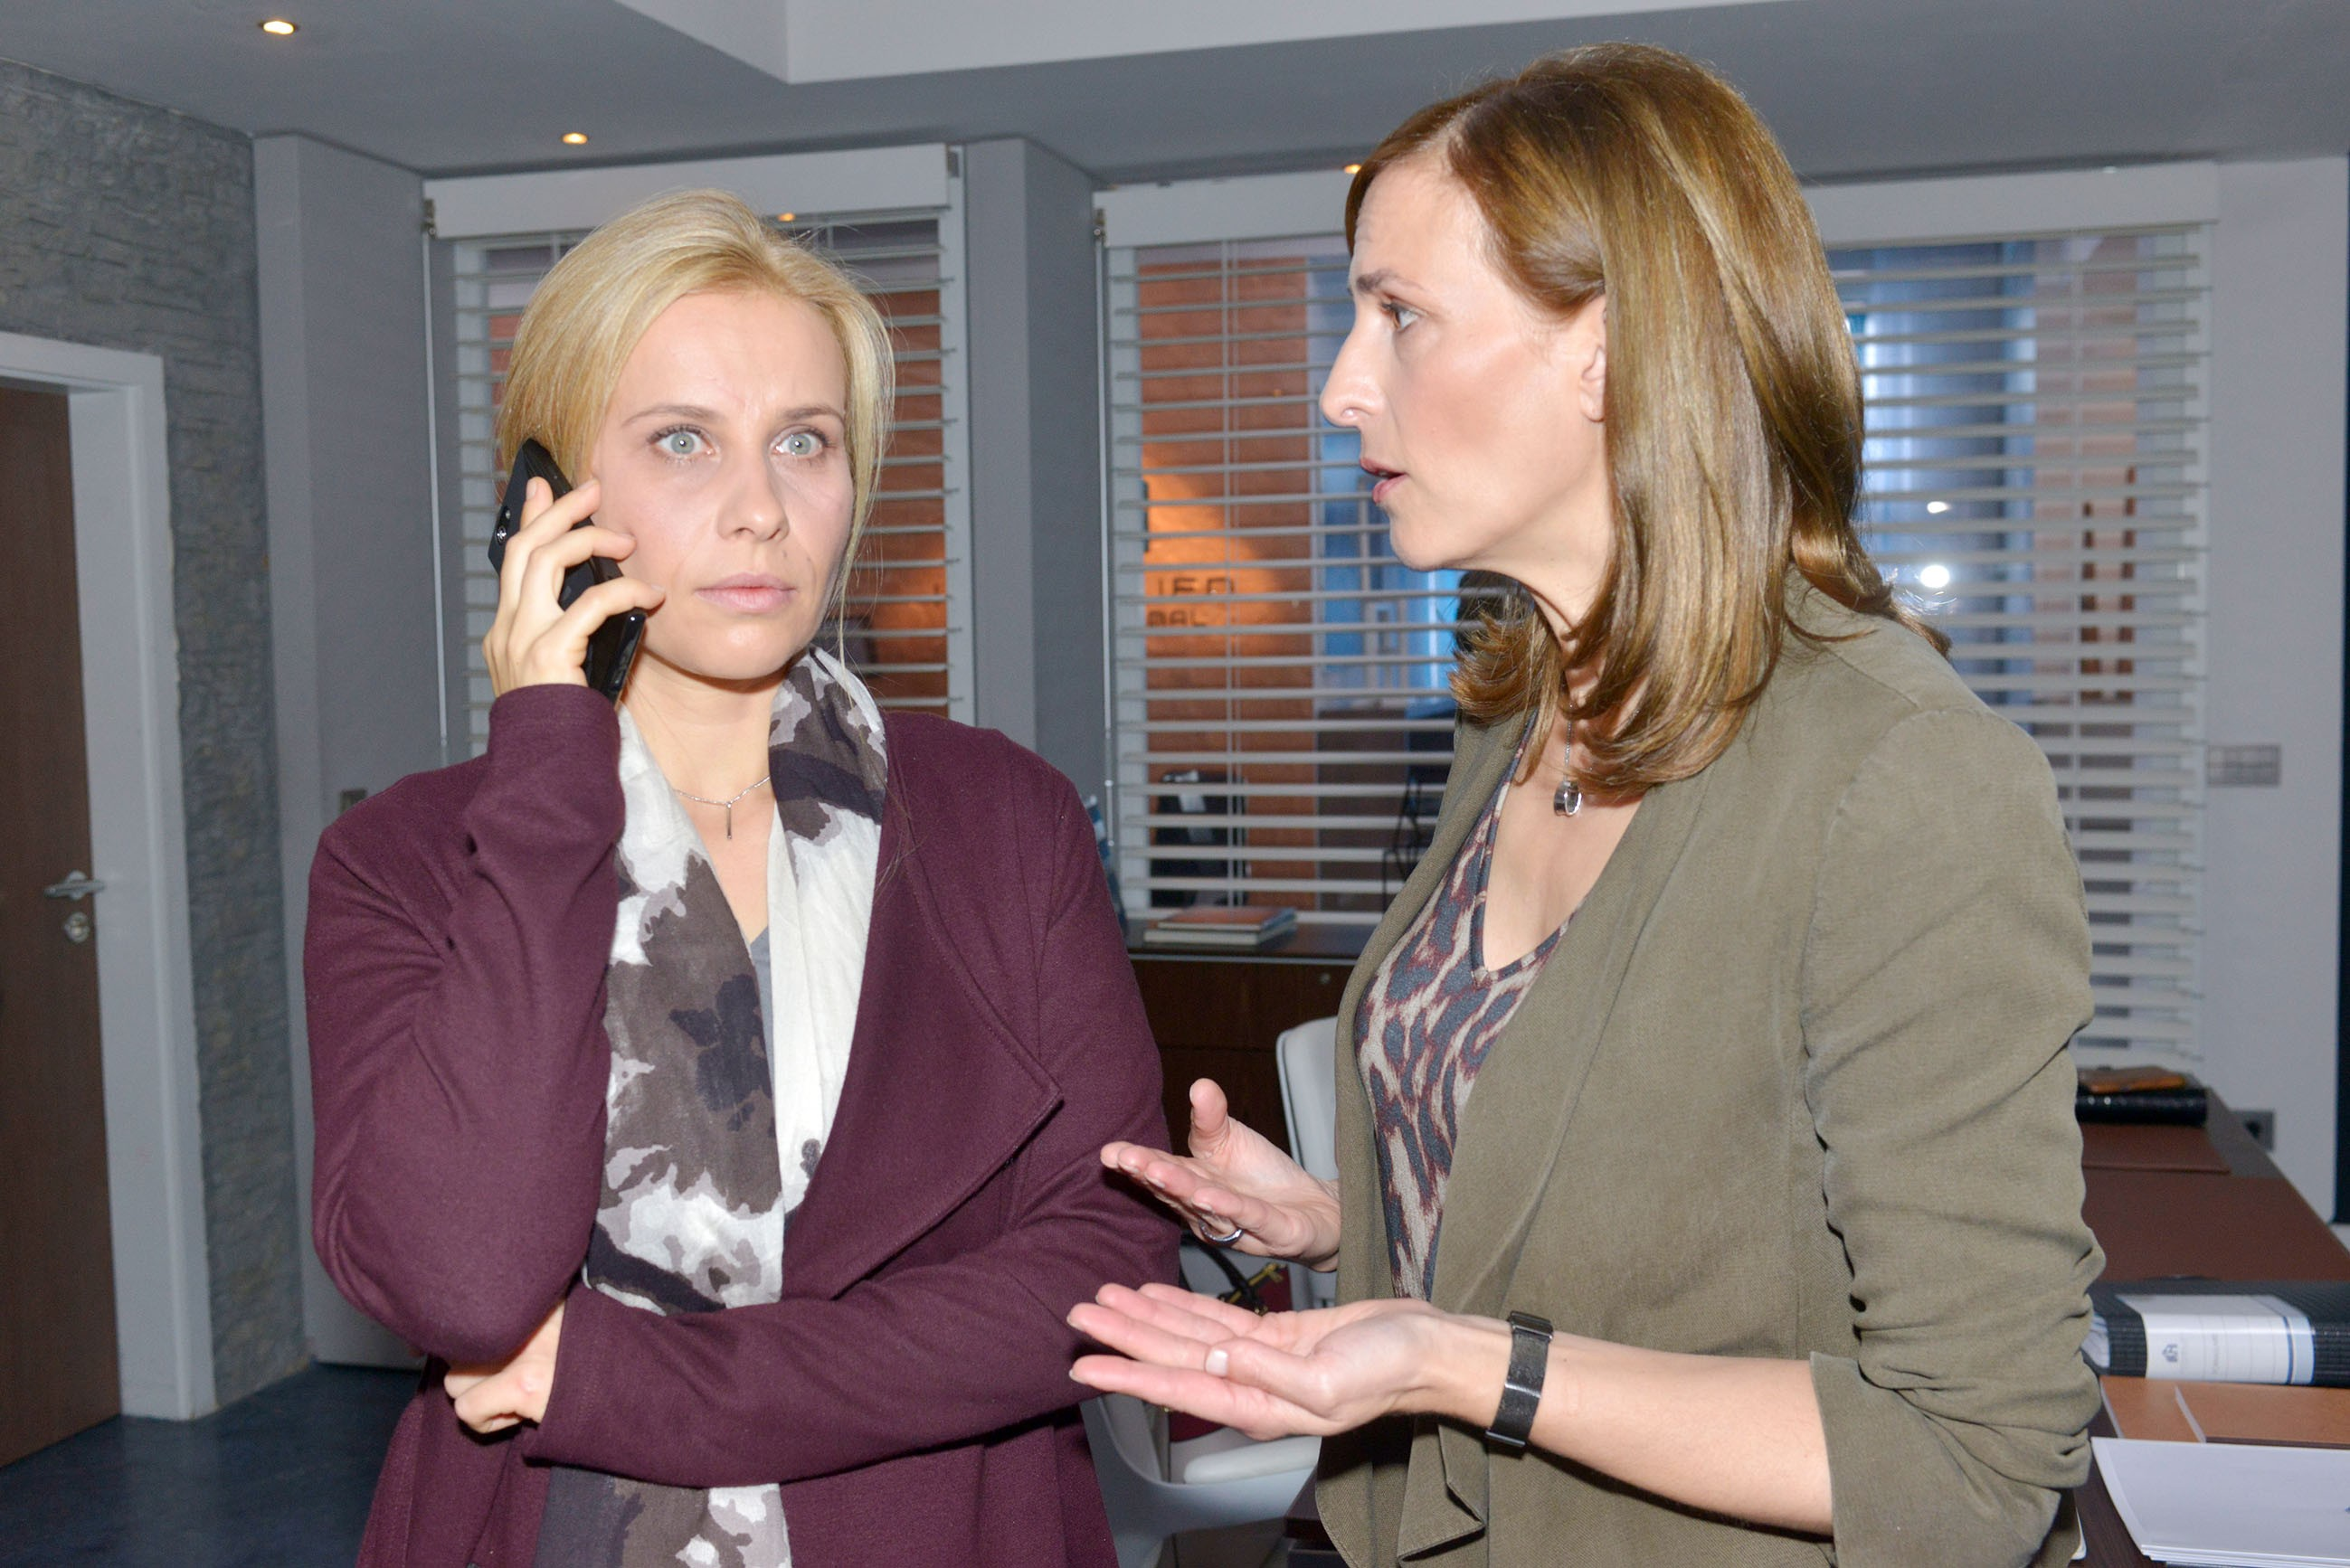 Katrin (Ulrike Frank, r.) lehnt es weiterhin ab, Rico eine Chance zu geben, kann jedoch nicht verhindern, dass Anna (Suzanne Kockat) einem Treffen mit Rico zusagt. (Quelle: RTL / Rolf Baumgartner)